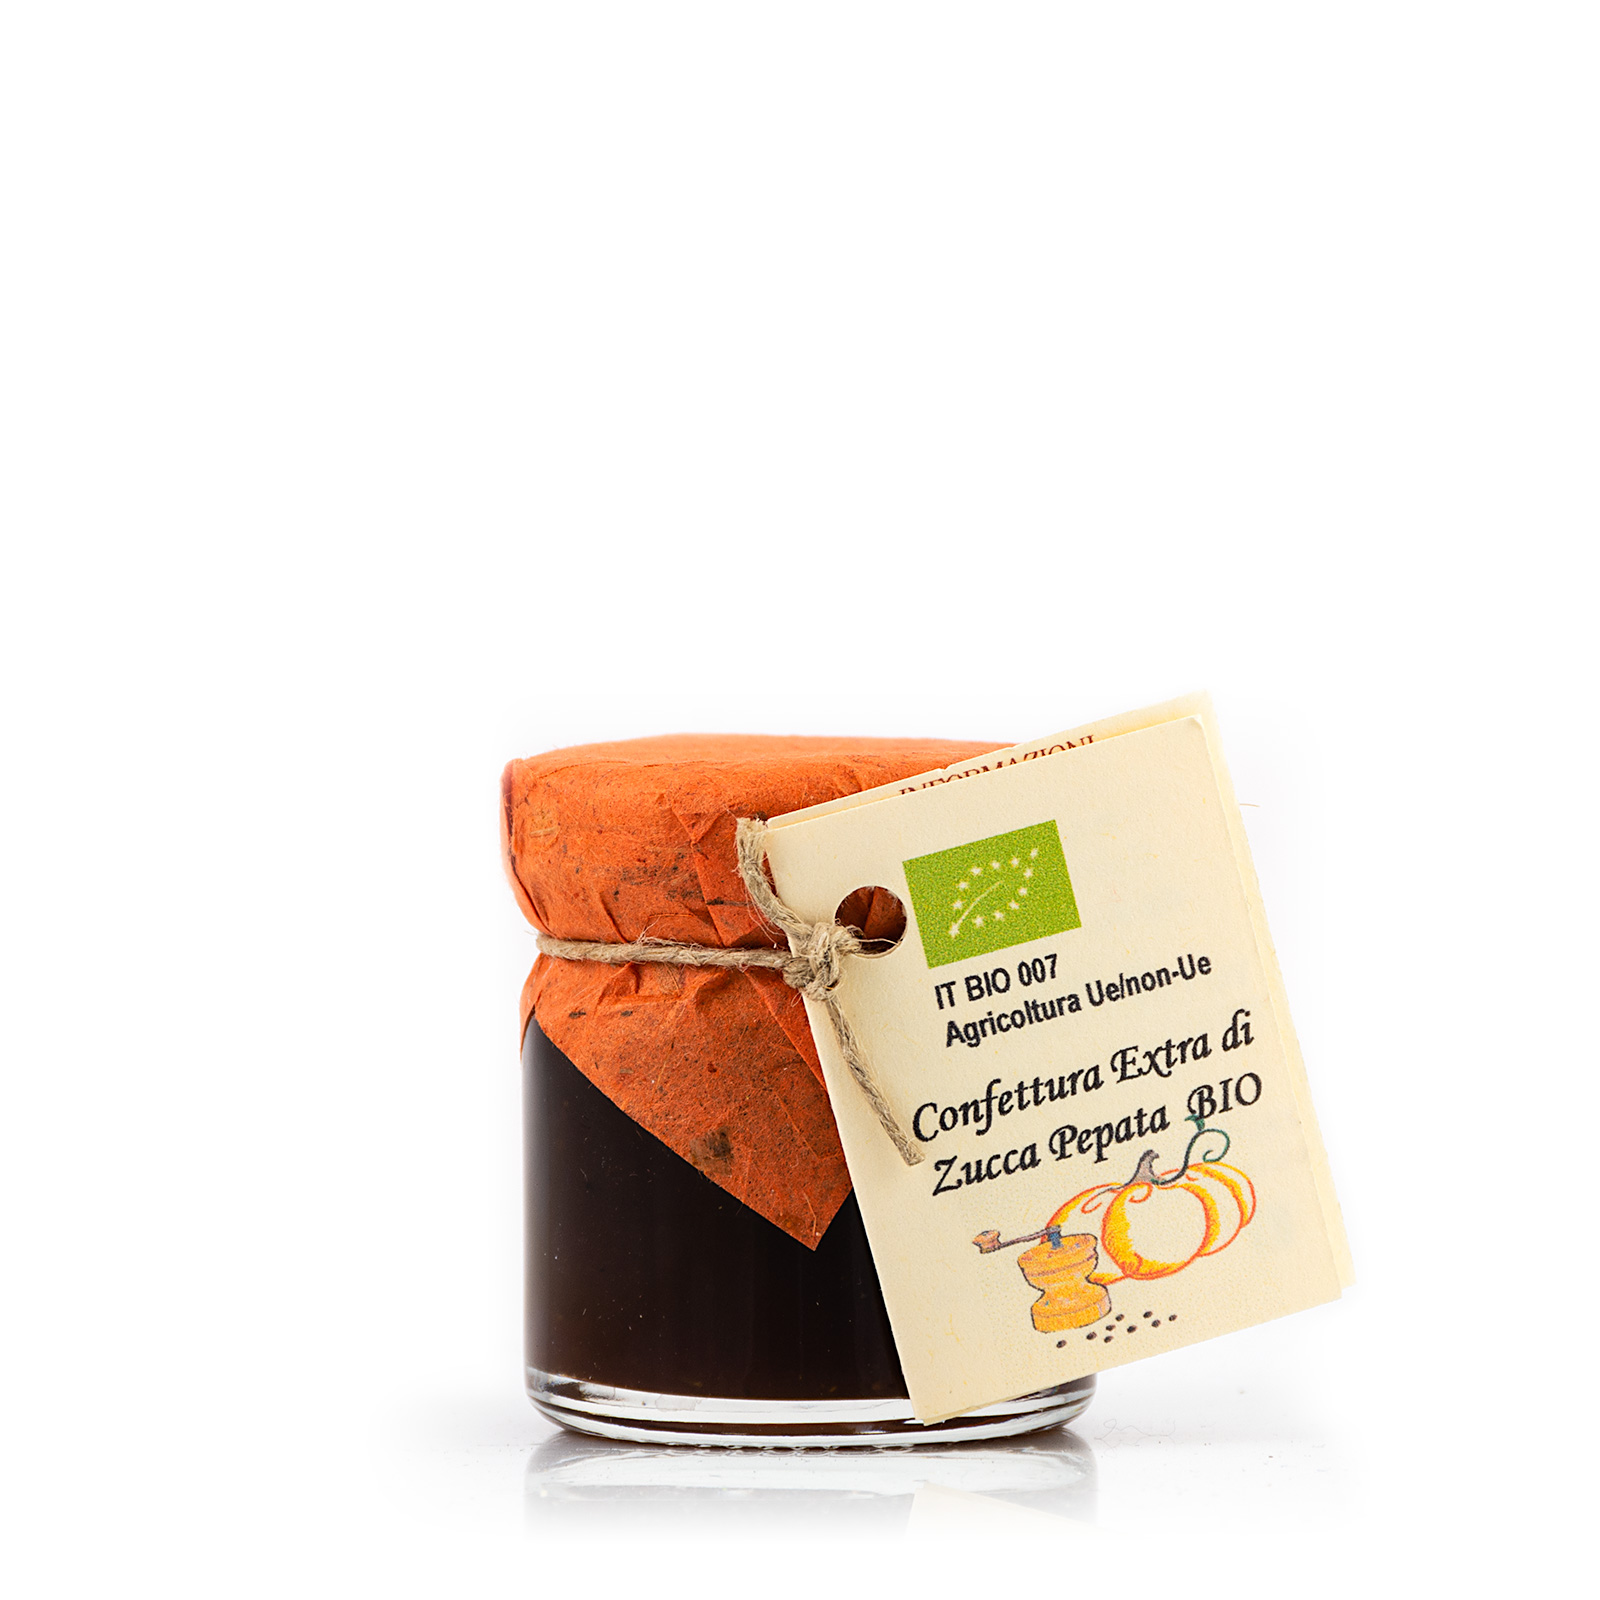 Azienda Agricola La Taverna Confettura Extra di Zucca Pepata